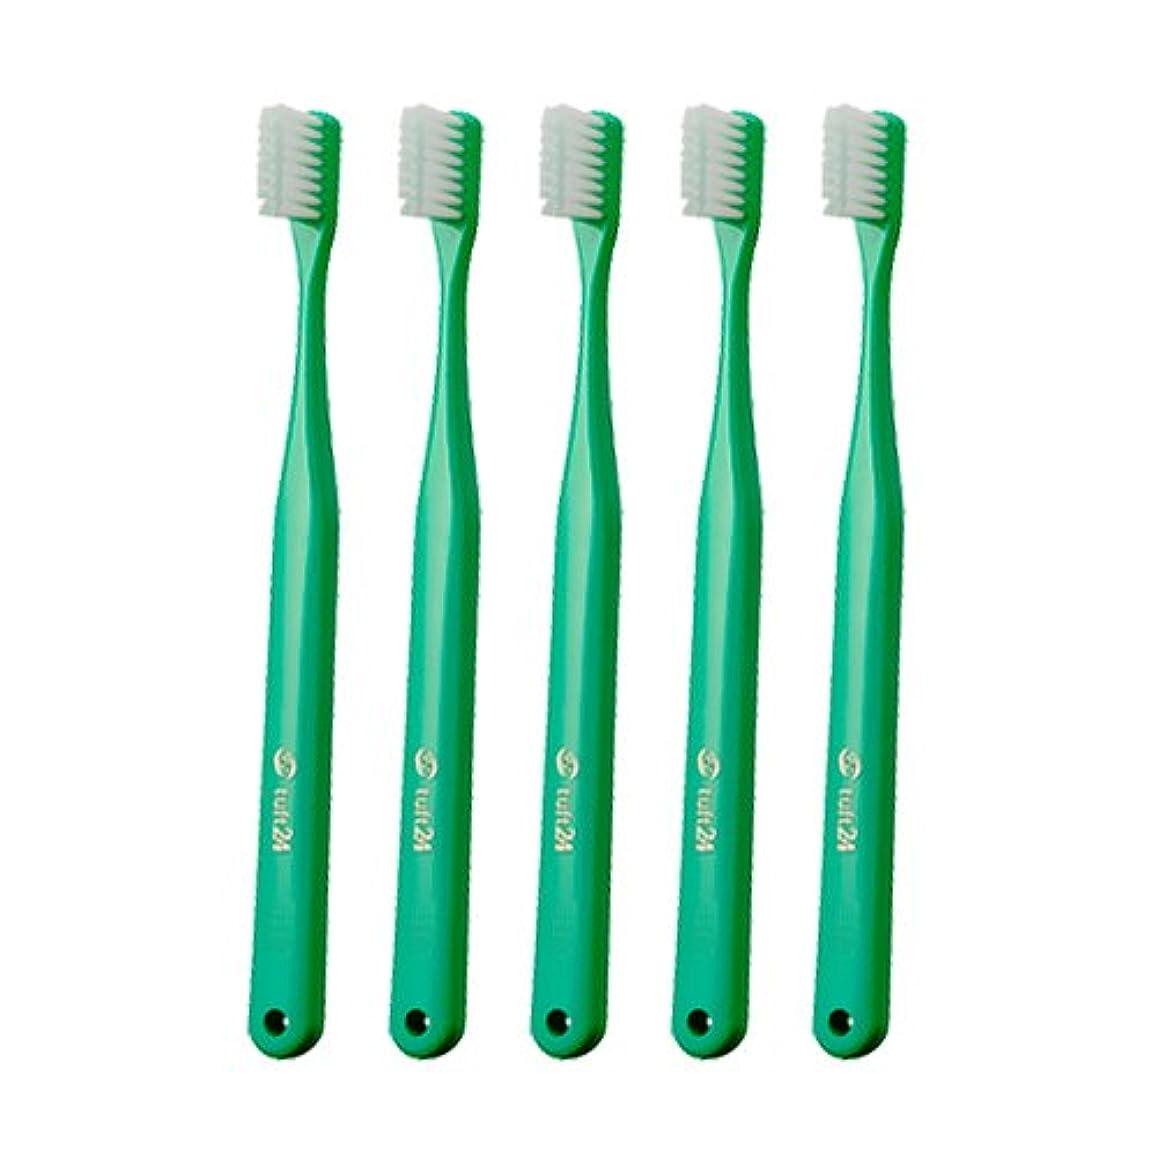 隠された息苦しいそんなにキャップなし タフト24 歯ブラシ × 25本入 S グリーン